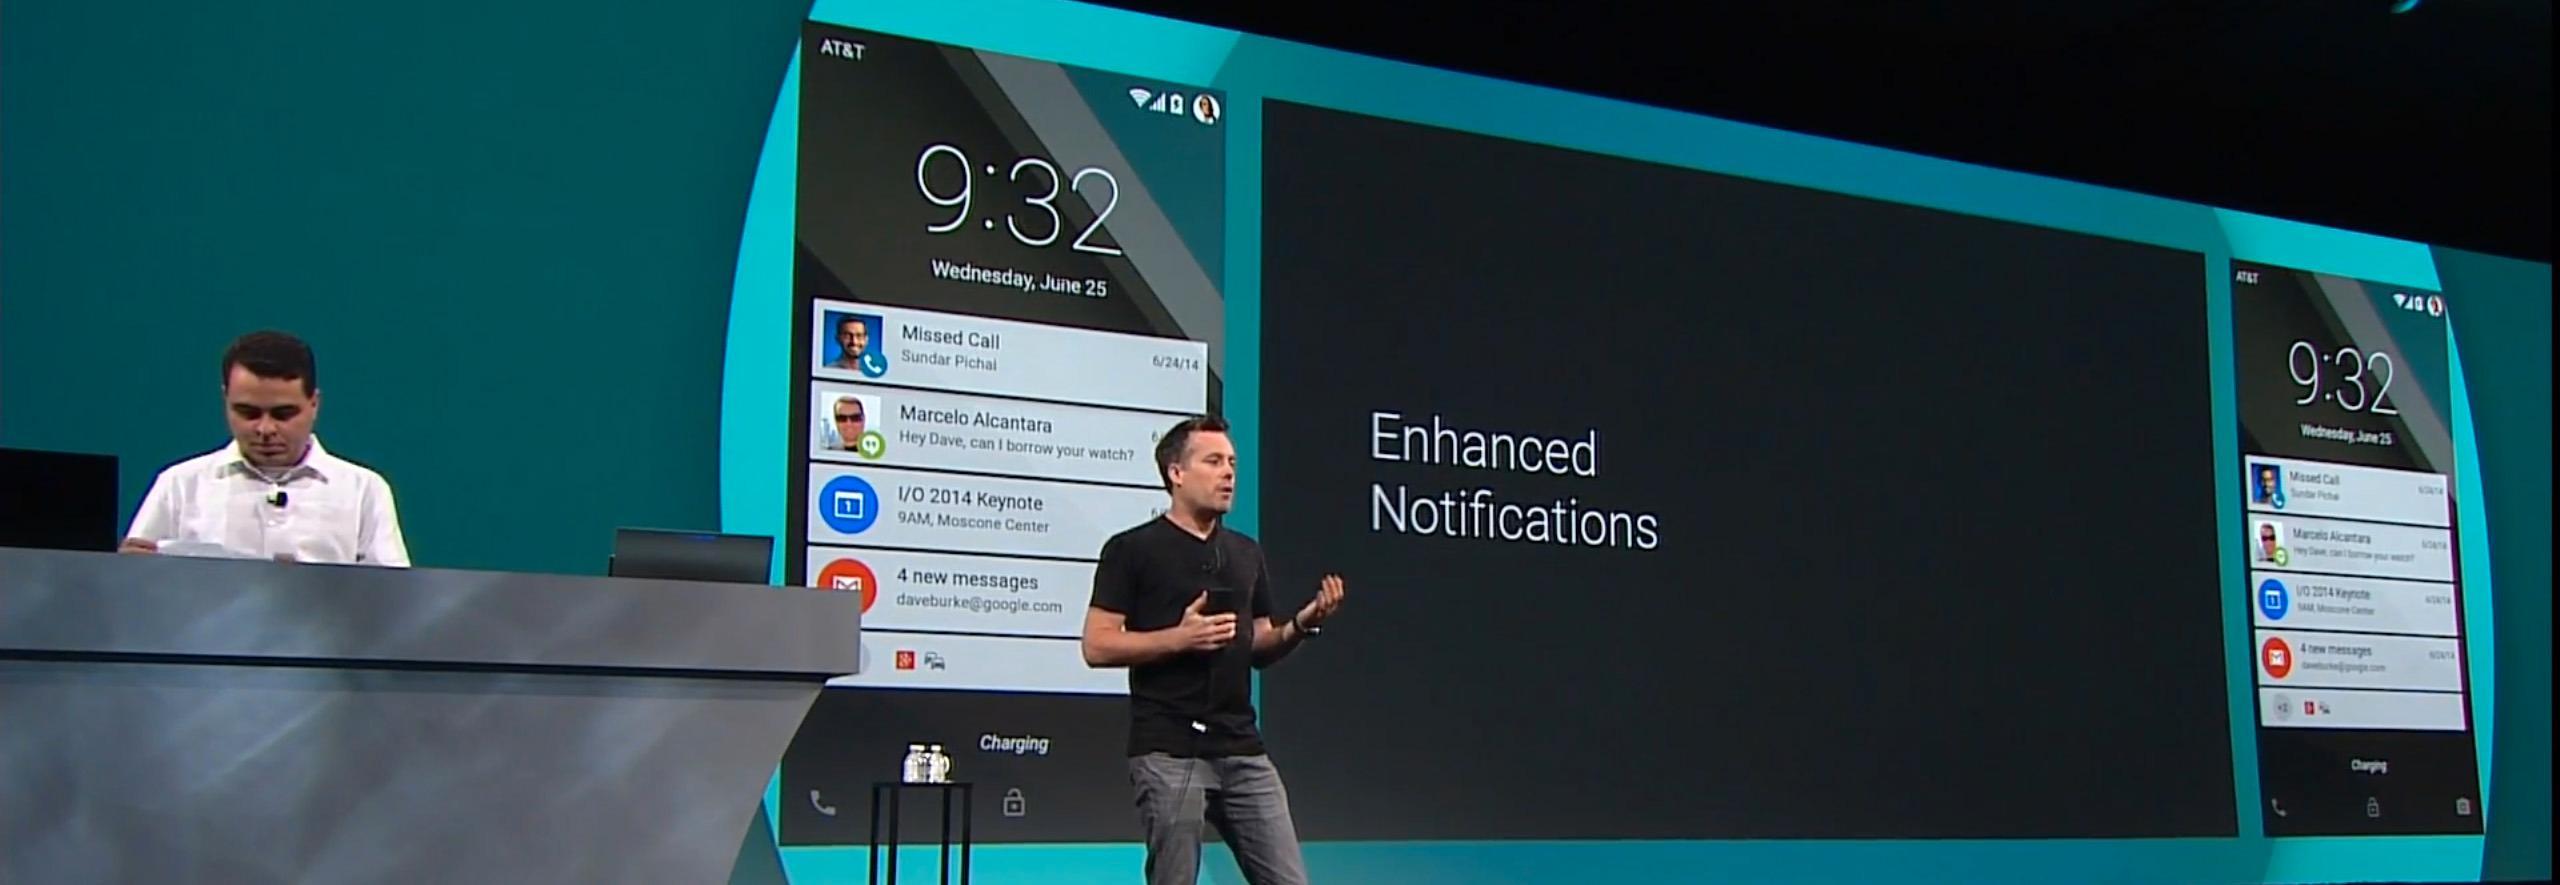 David Burke er sjefsutvikler for Android-prosjektet, og viste blant annet frem en ny måte å presentere varslinger på låseskjermen.Foto: Skjermdump/Google